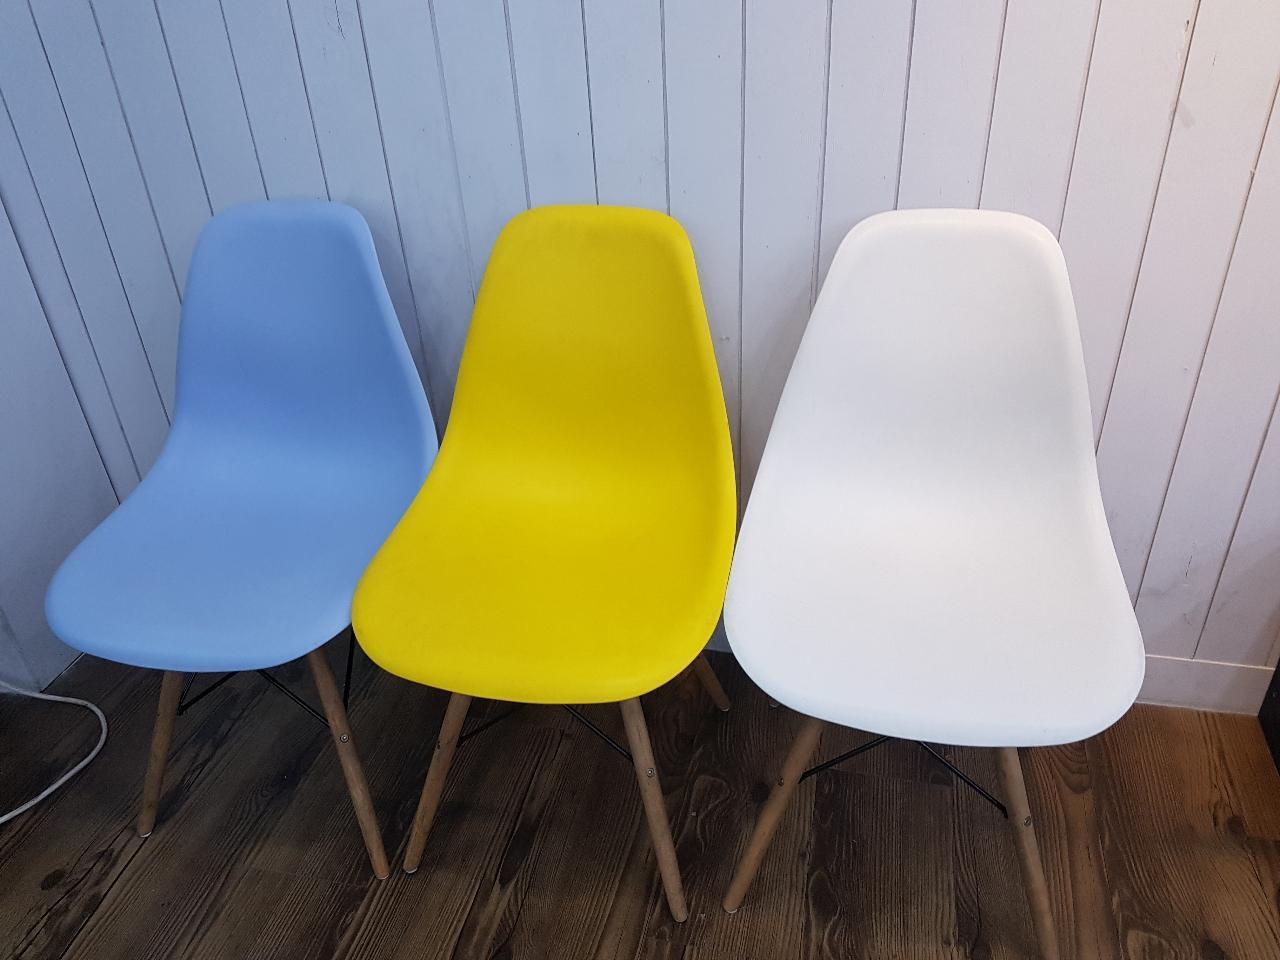 의자 판매 합니다(거래완료)